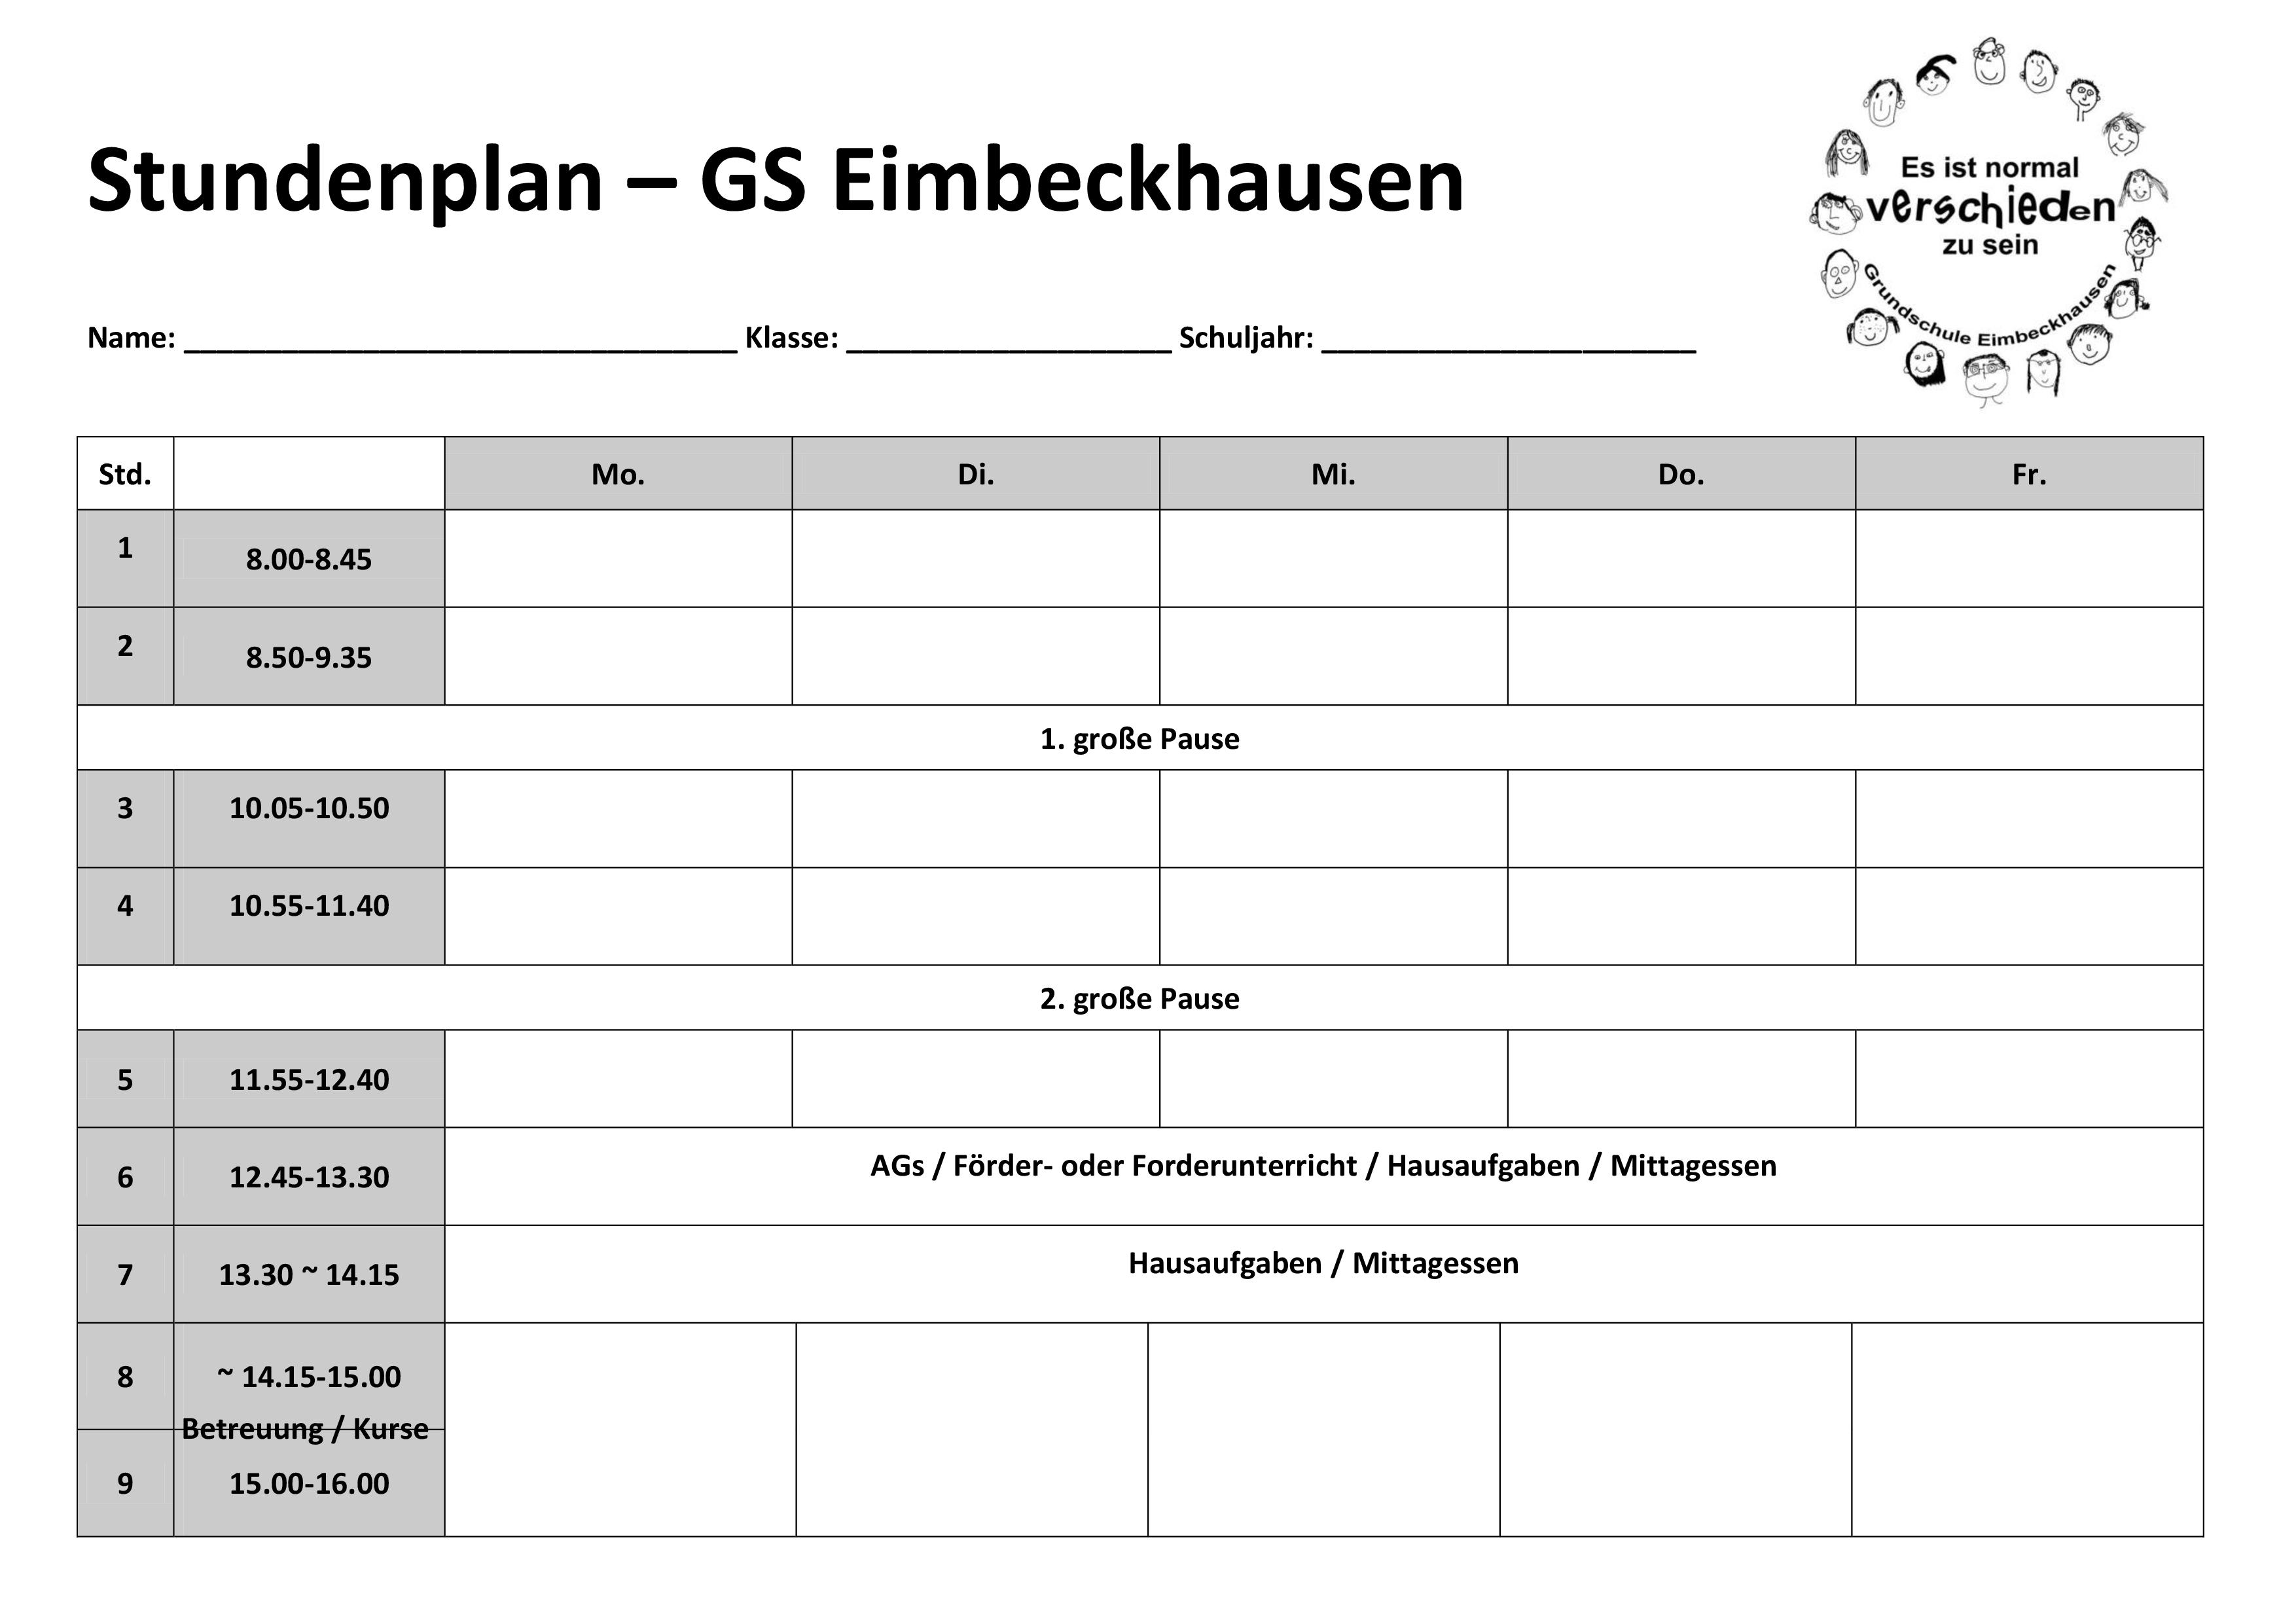 Grundschule Eimbeckhausen - Stundenplan Vorlage